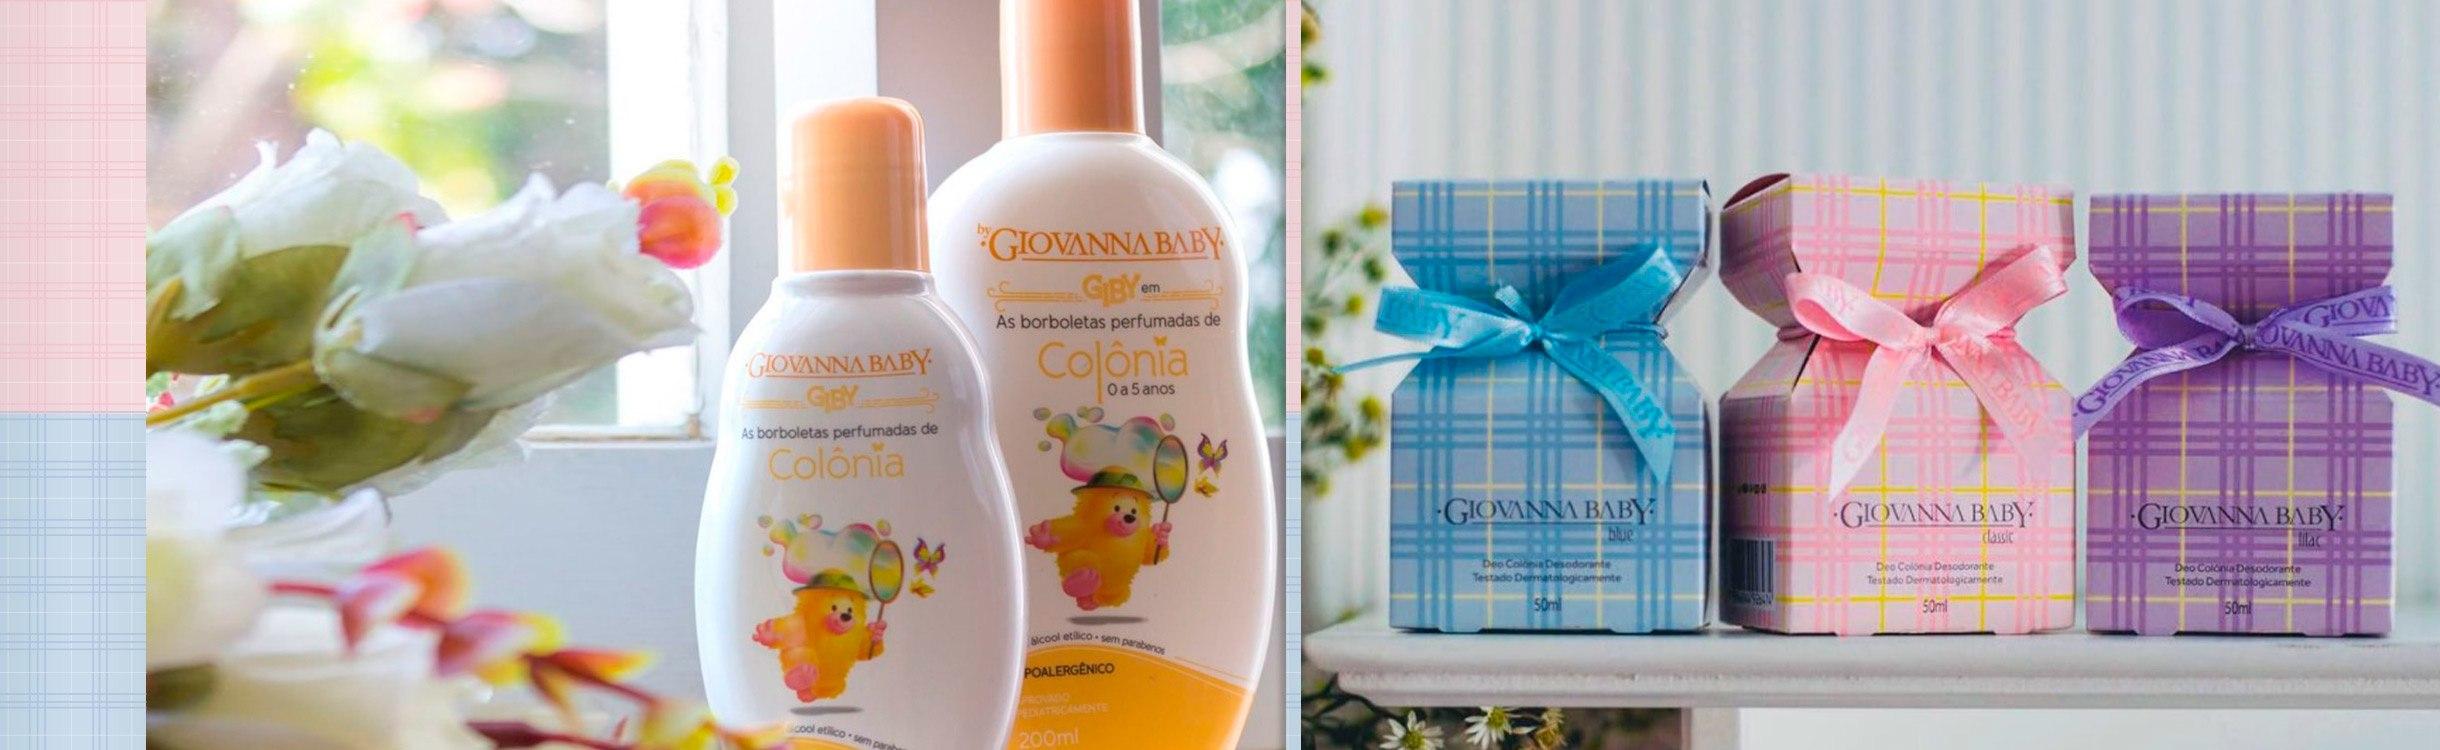 Perfumes e Perfumaria Giovanna Baby